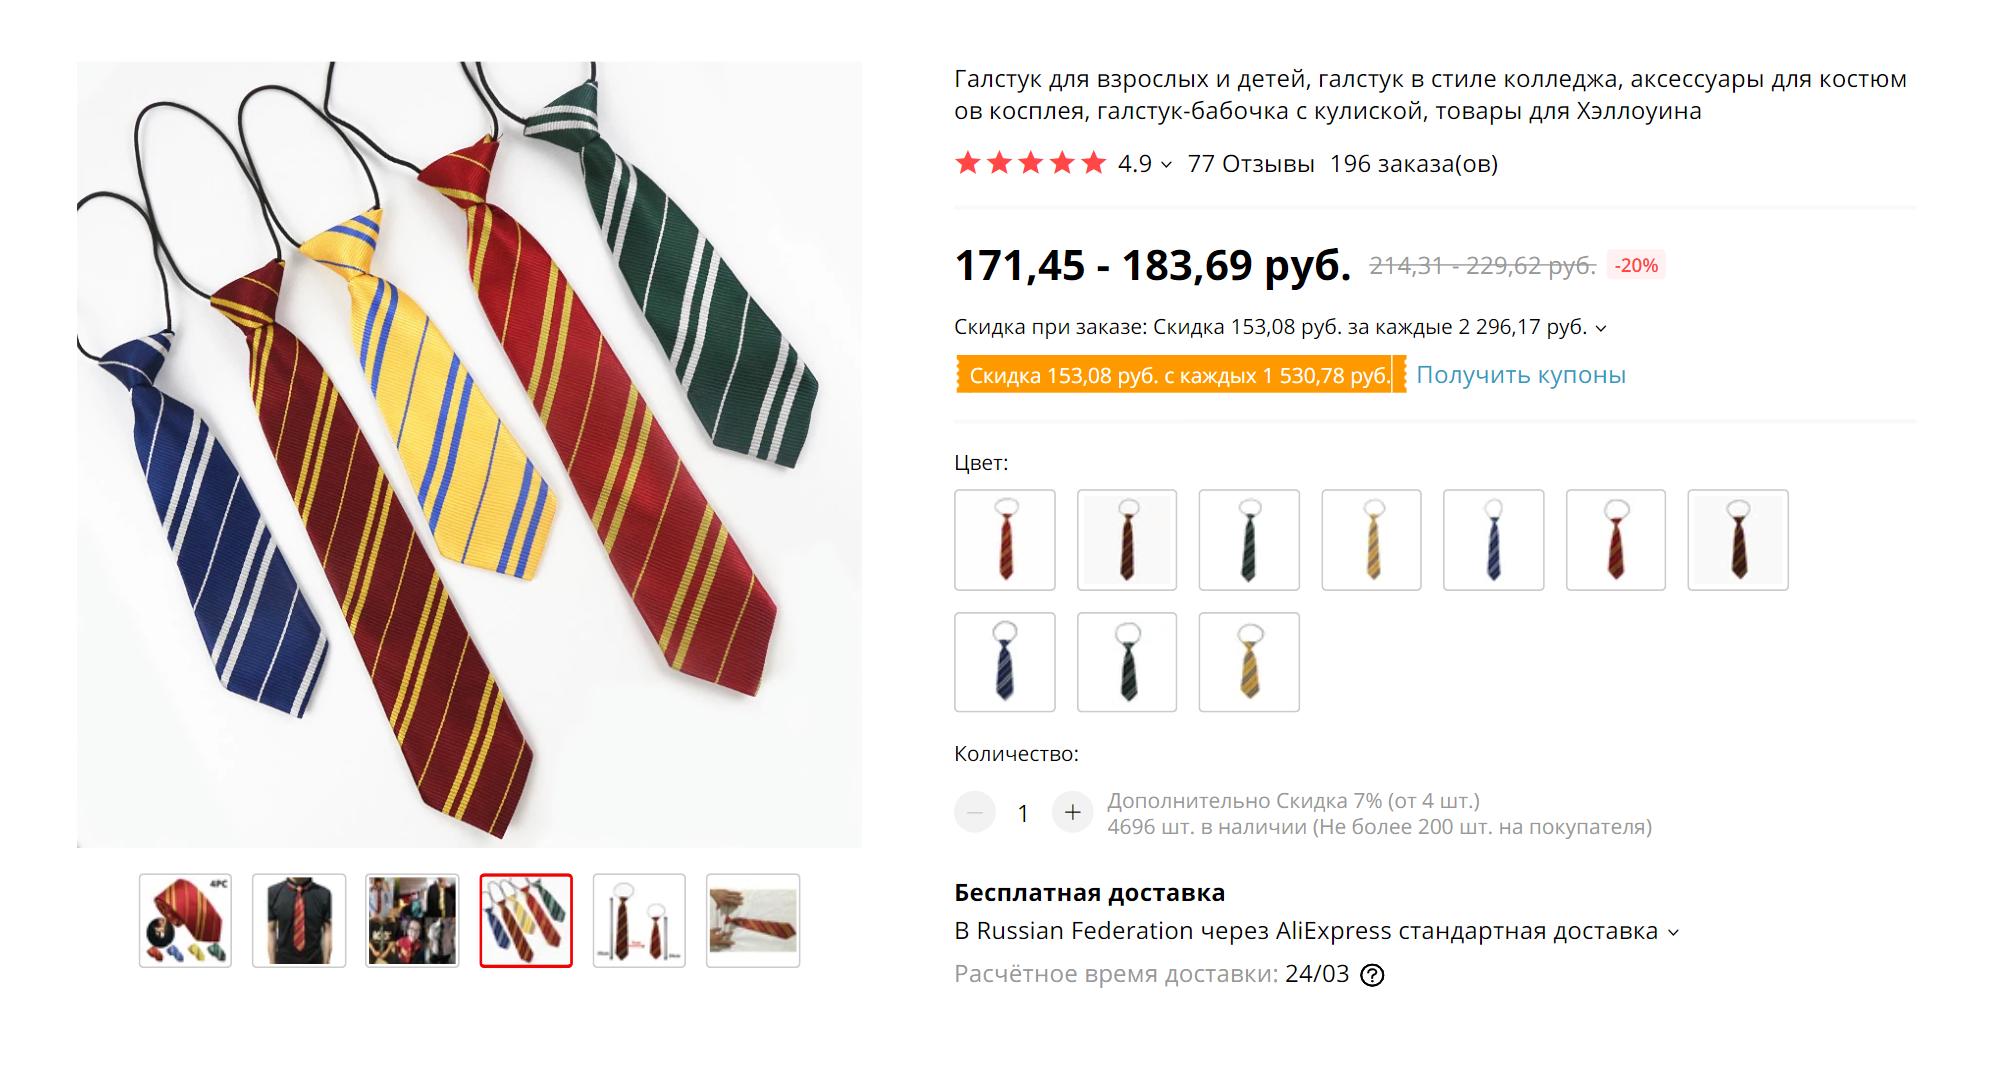 На «Алиэкспрессе» продавались галстуки всех факультетов Хогвартса. После игры мы оставили их себе напамять. Источник: «Алиэкспресс»